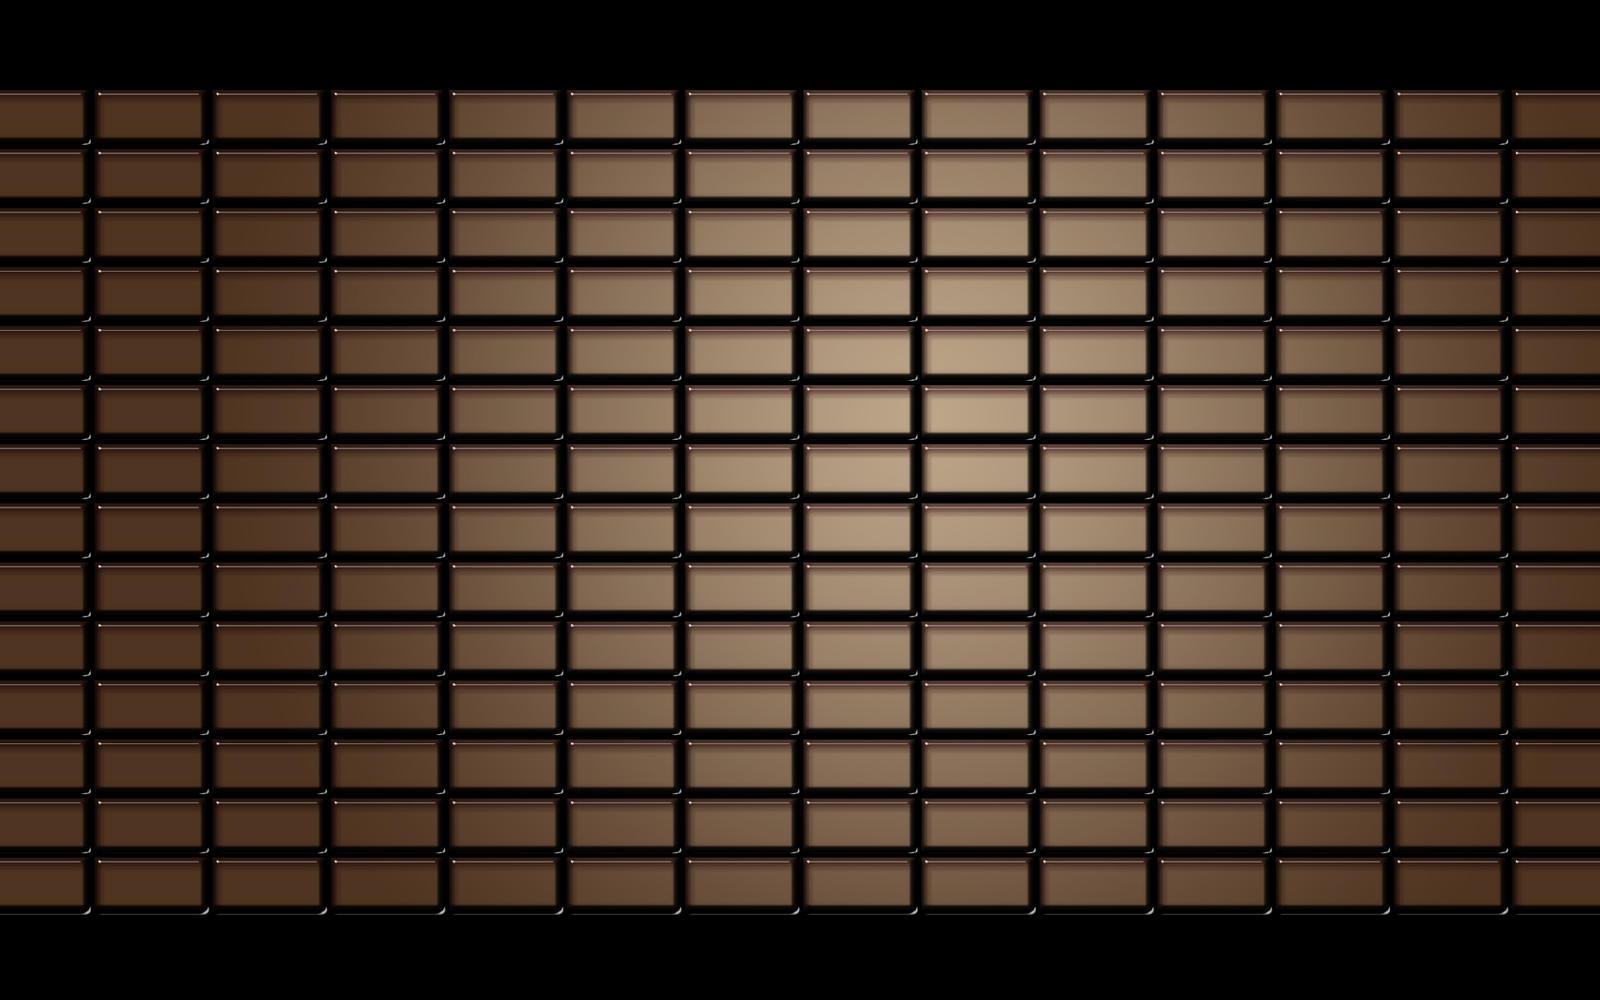 Imvu Floor Textures Gallery